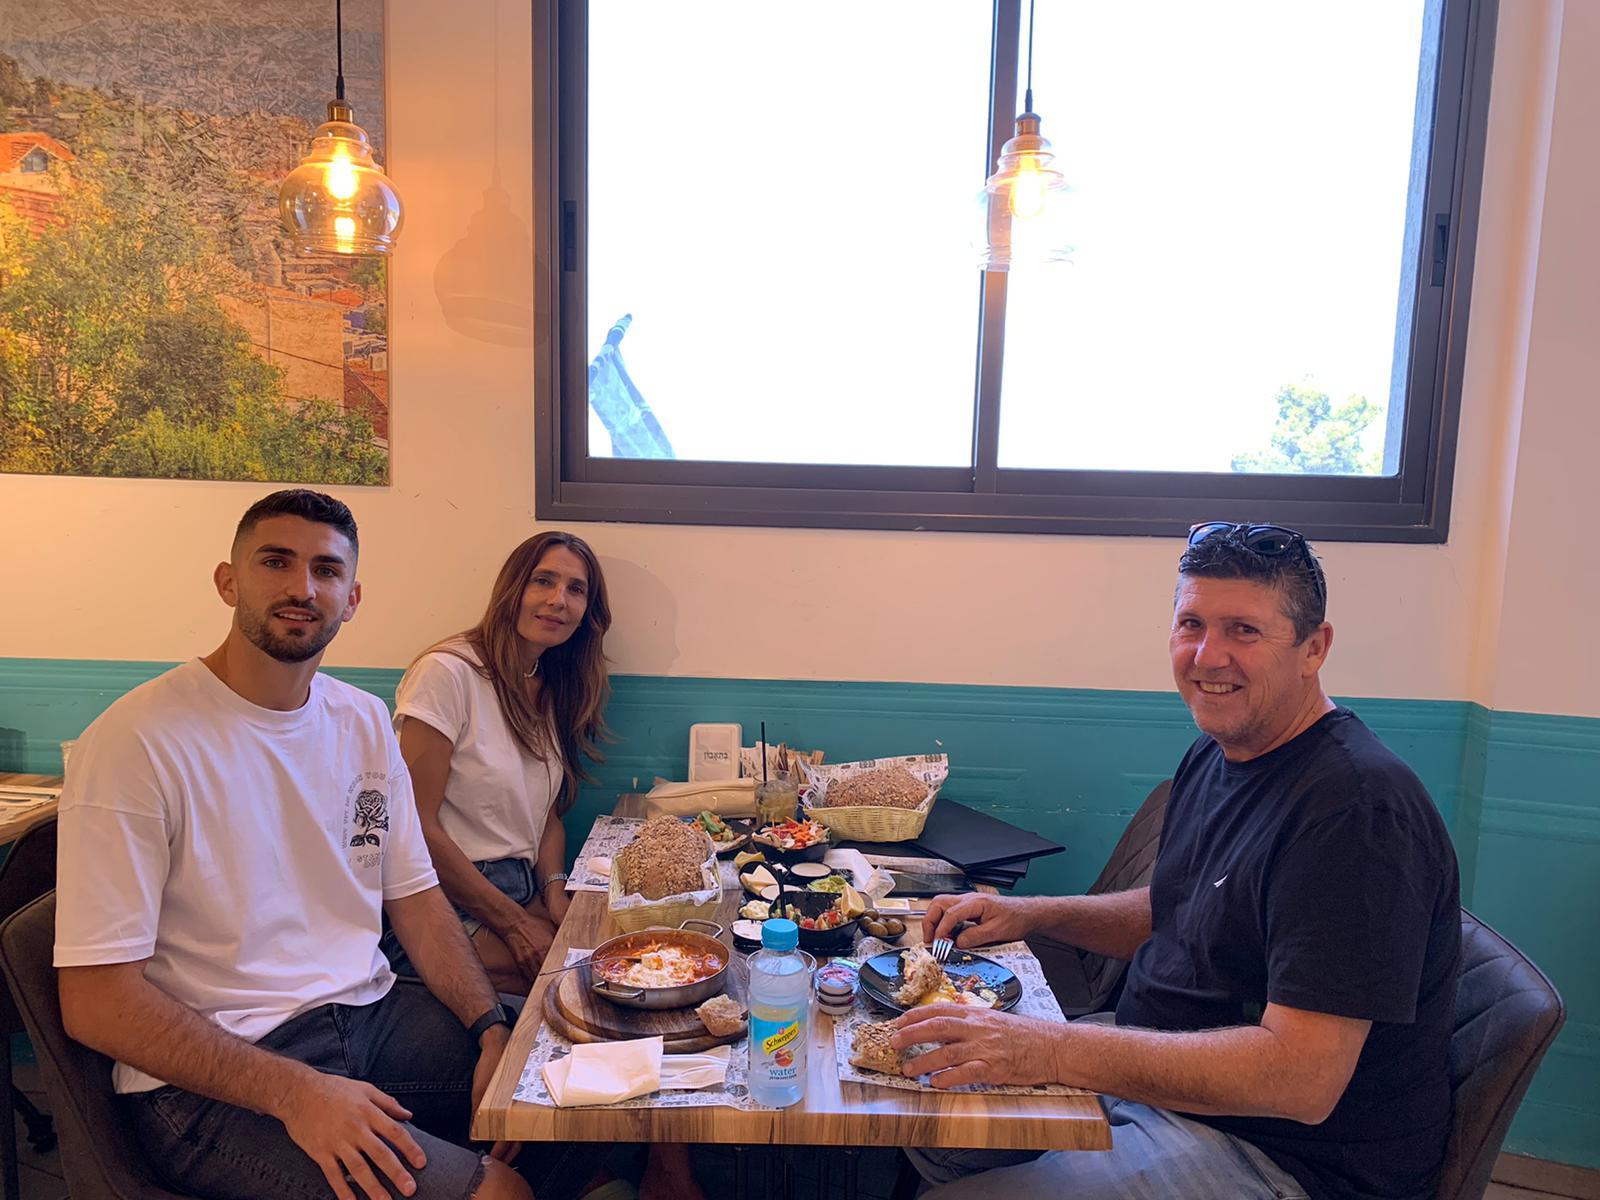 אורי דהן בלם מכבי חיפה בהווה ועירוני קריית שמונה בעונה שעברה בבילוי משפחתי בבולונג'רי